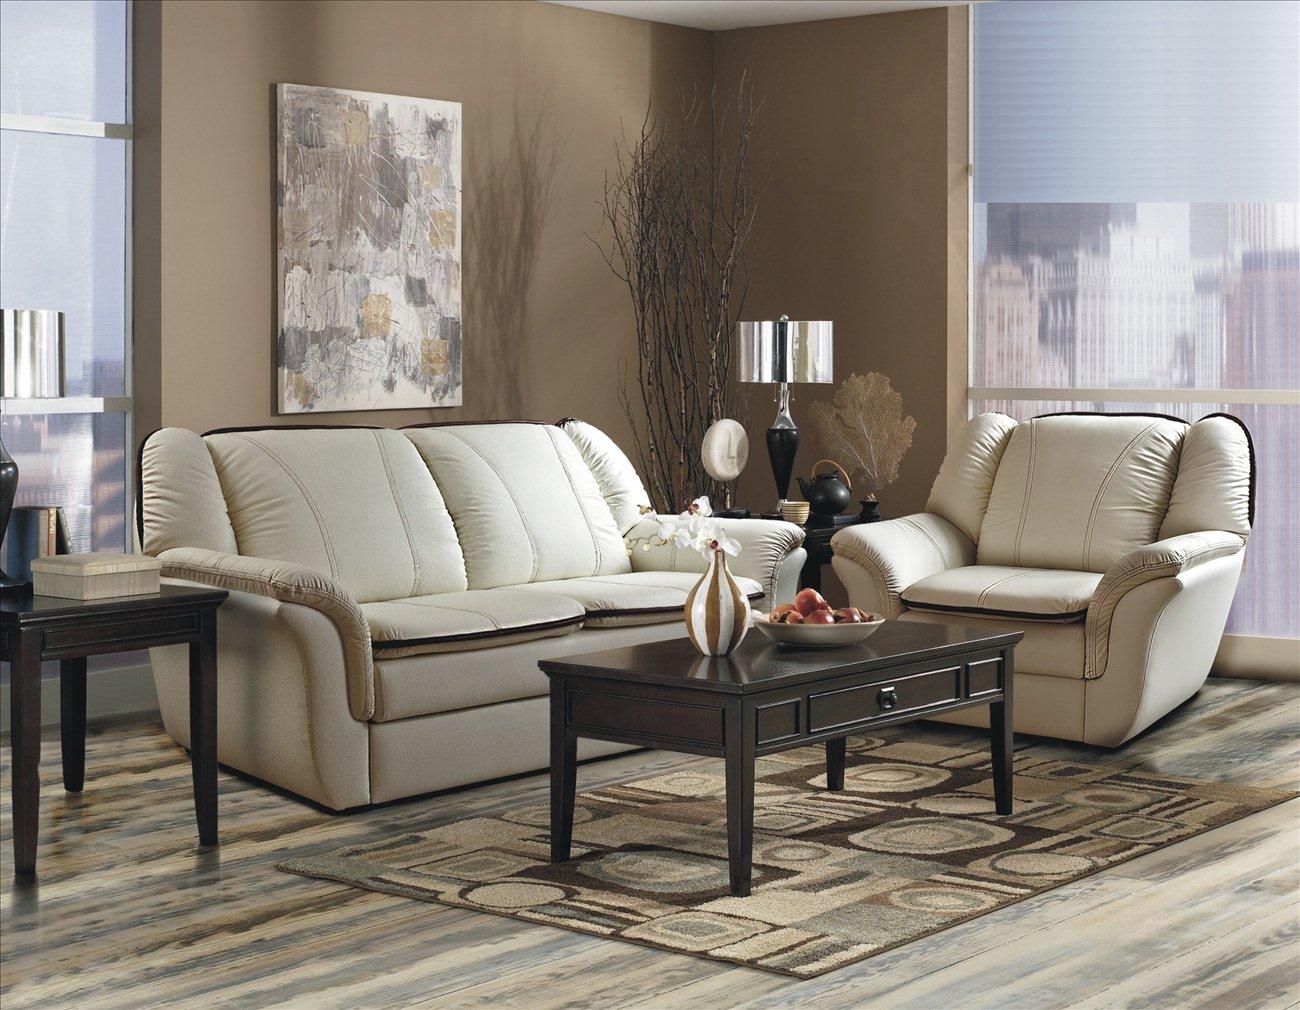 модульные диваны купить недорого в нижнем новгороде цена с доставкой